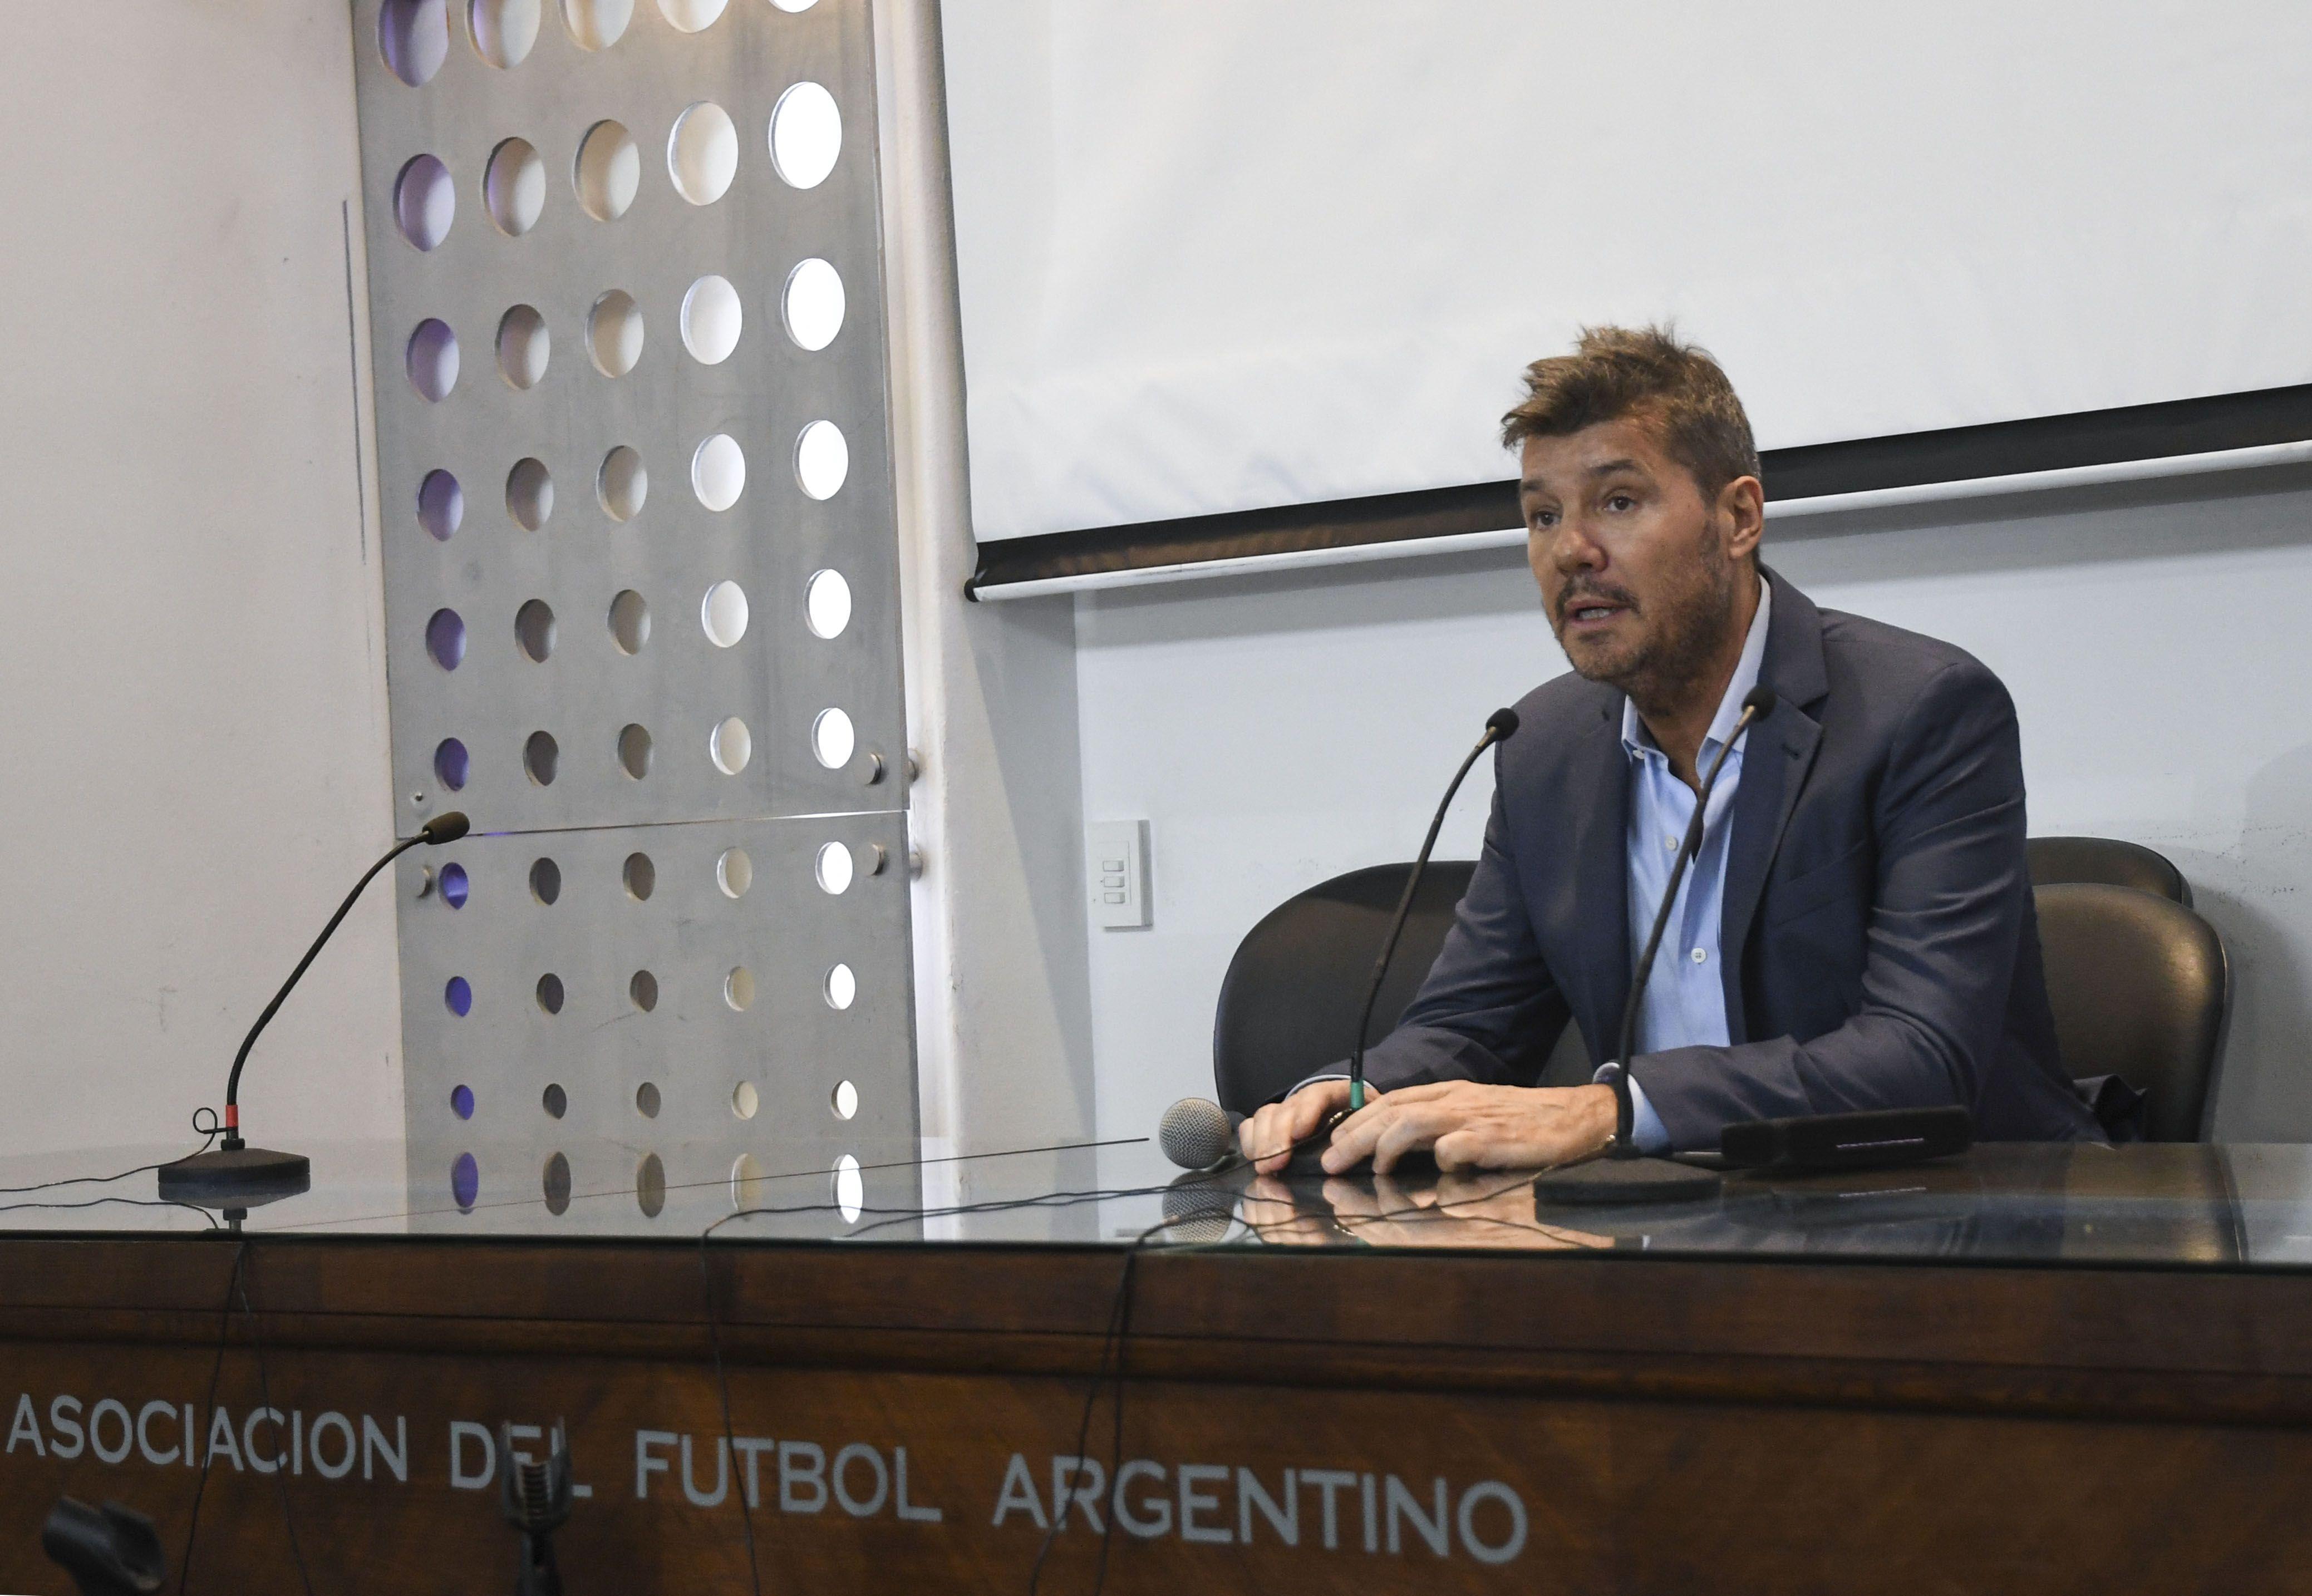 El dirigente confirmó la reunión con Bauza y el viaje a España para ver a Messi